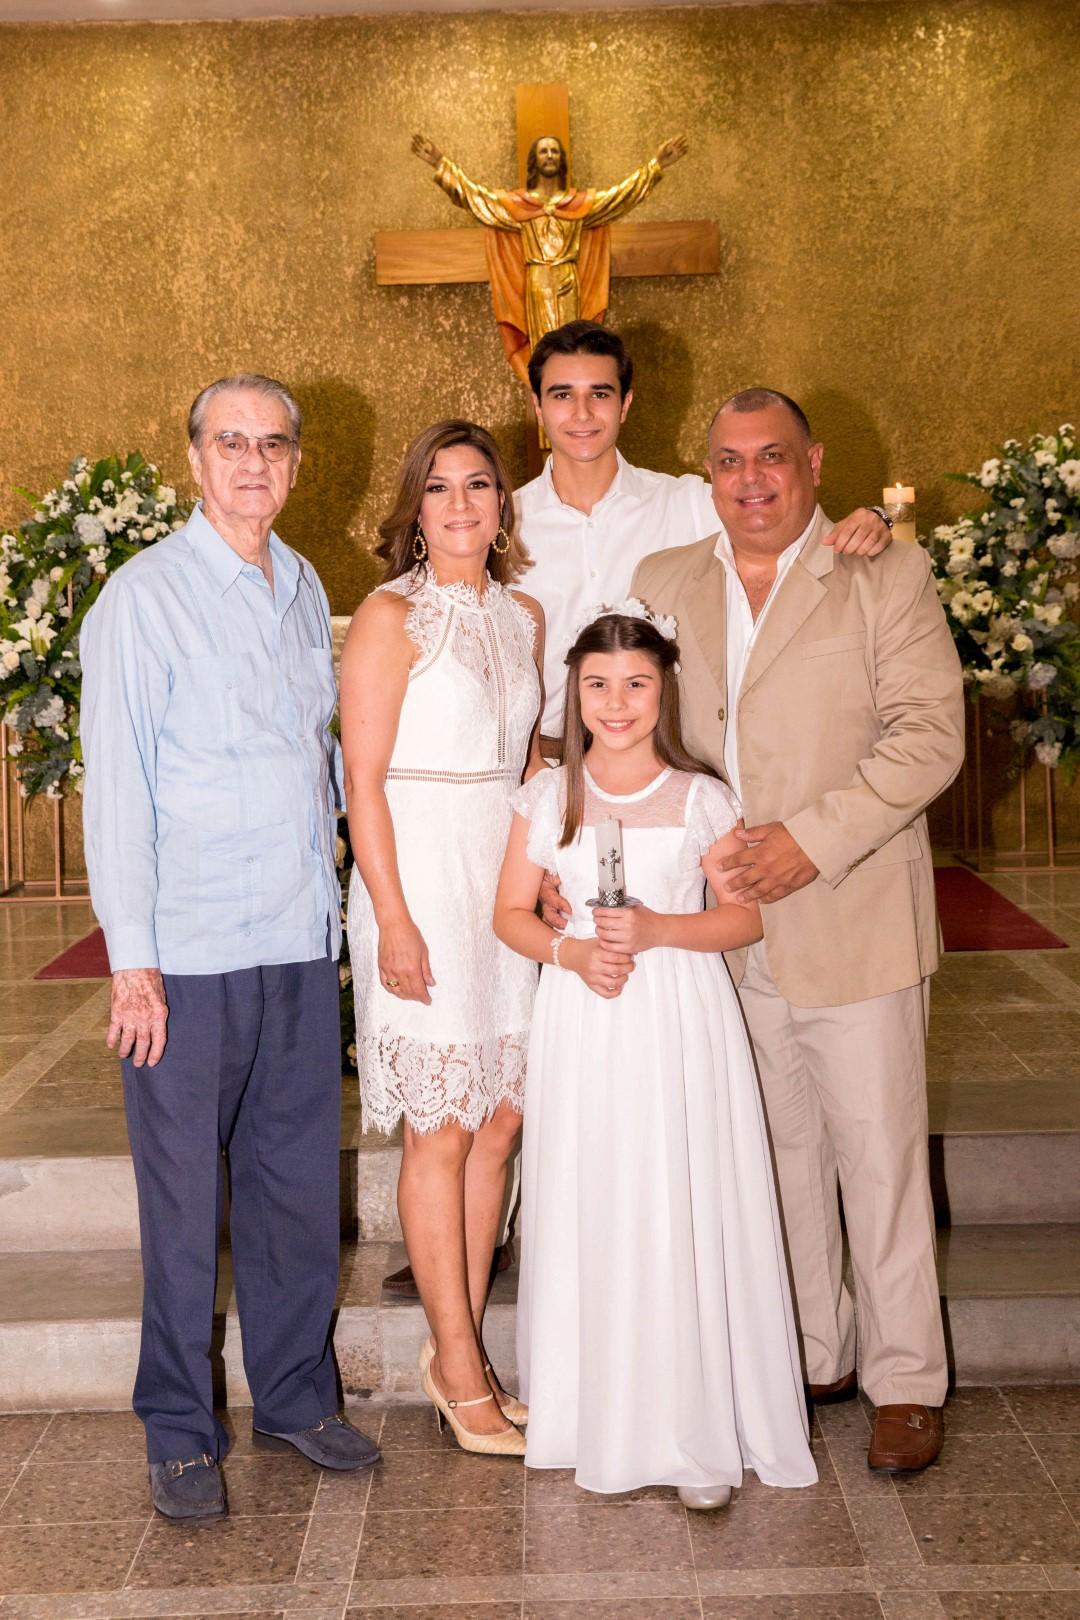 Alessandra Saybe recibe la primera comunión